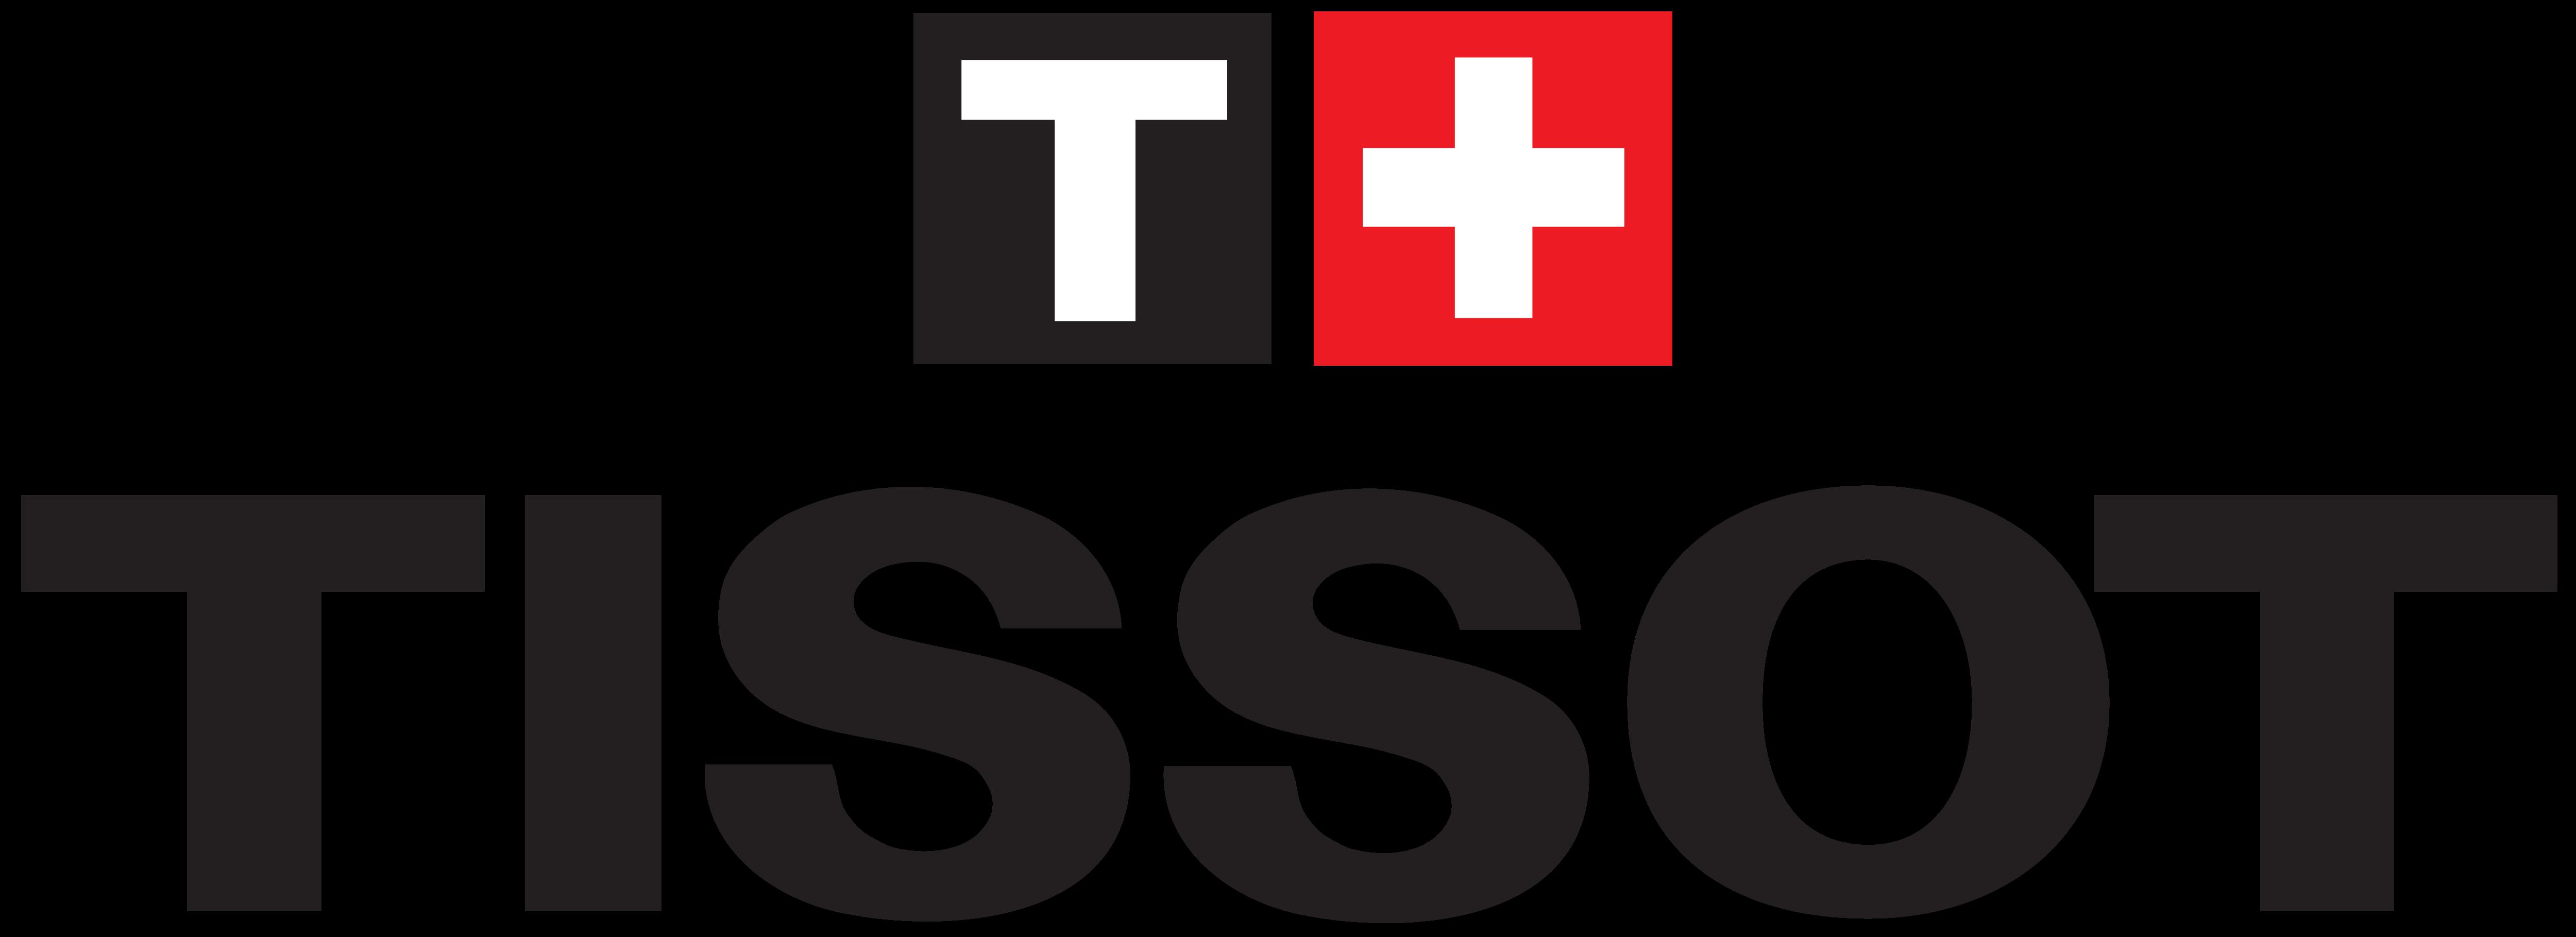 Tissot - Logos Download